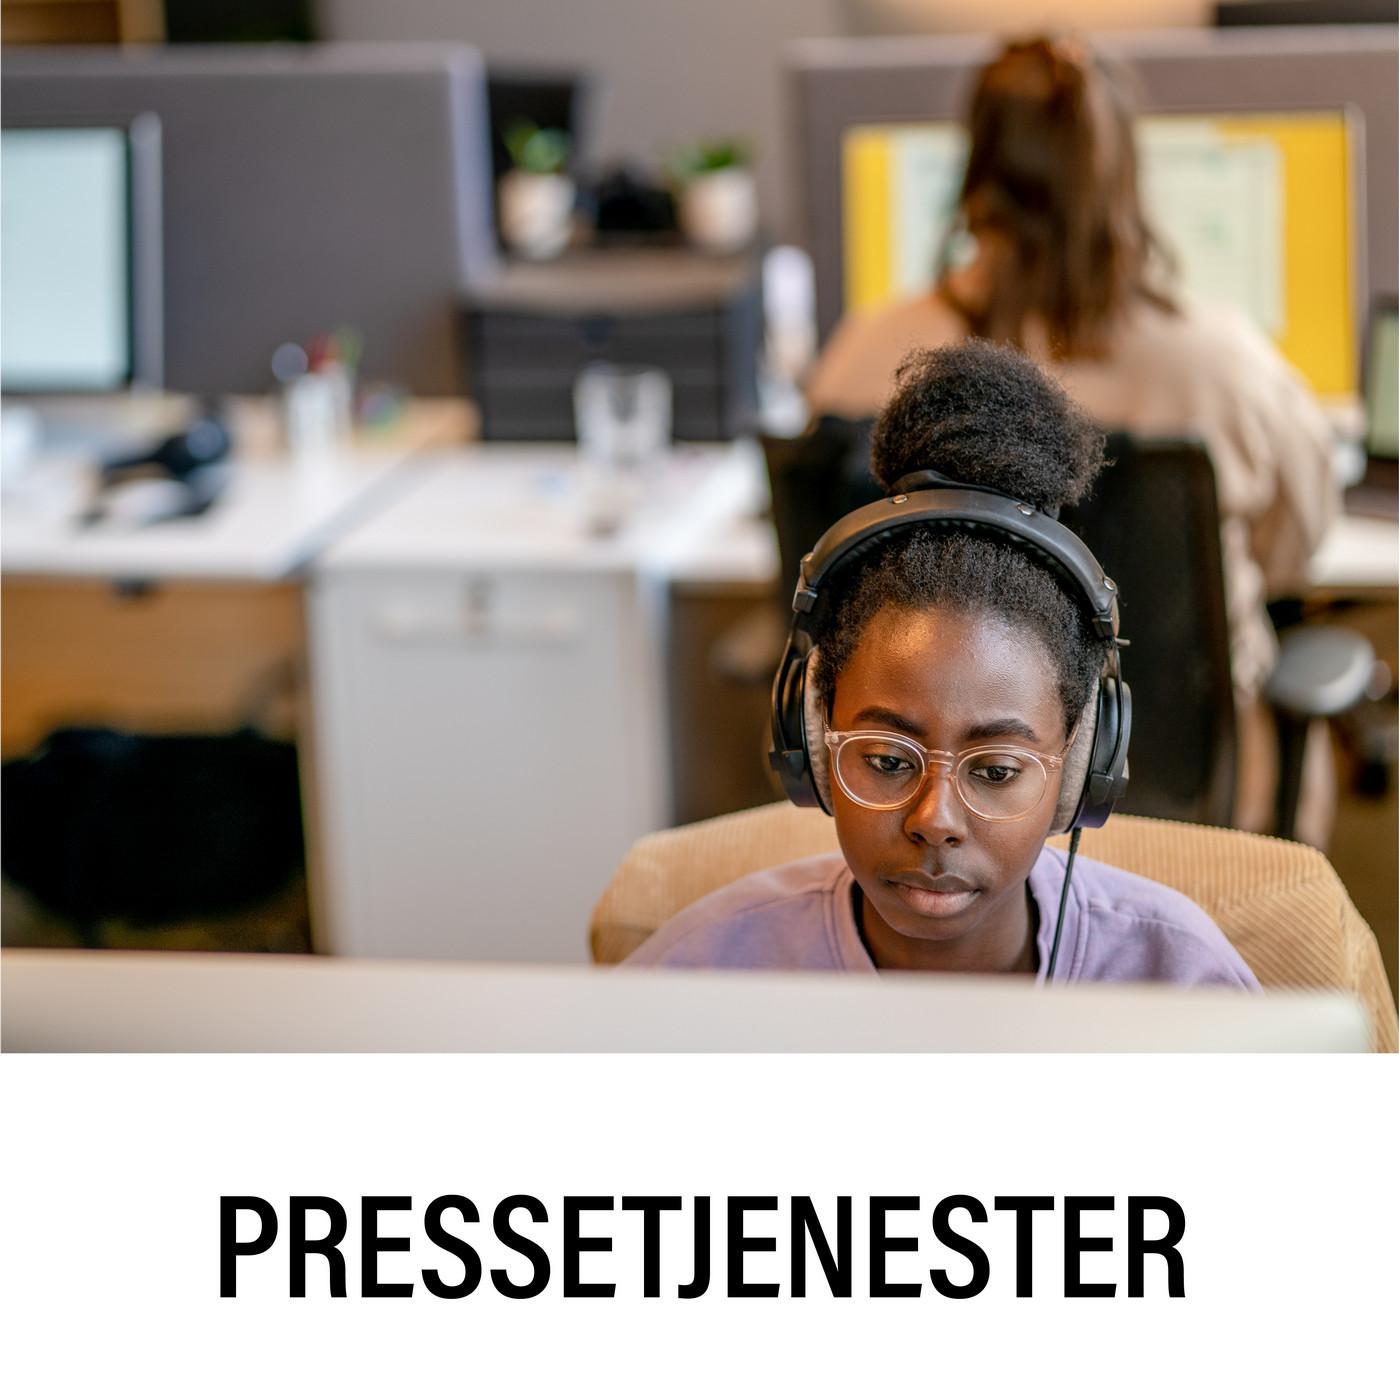 Pressetjenester